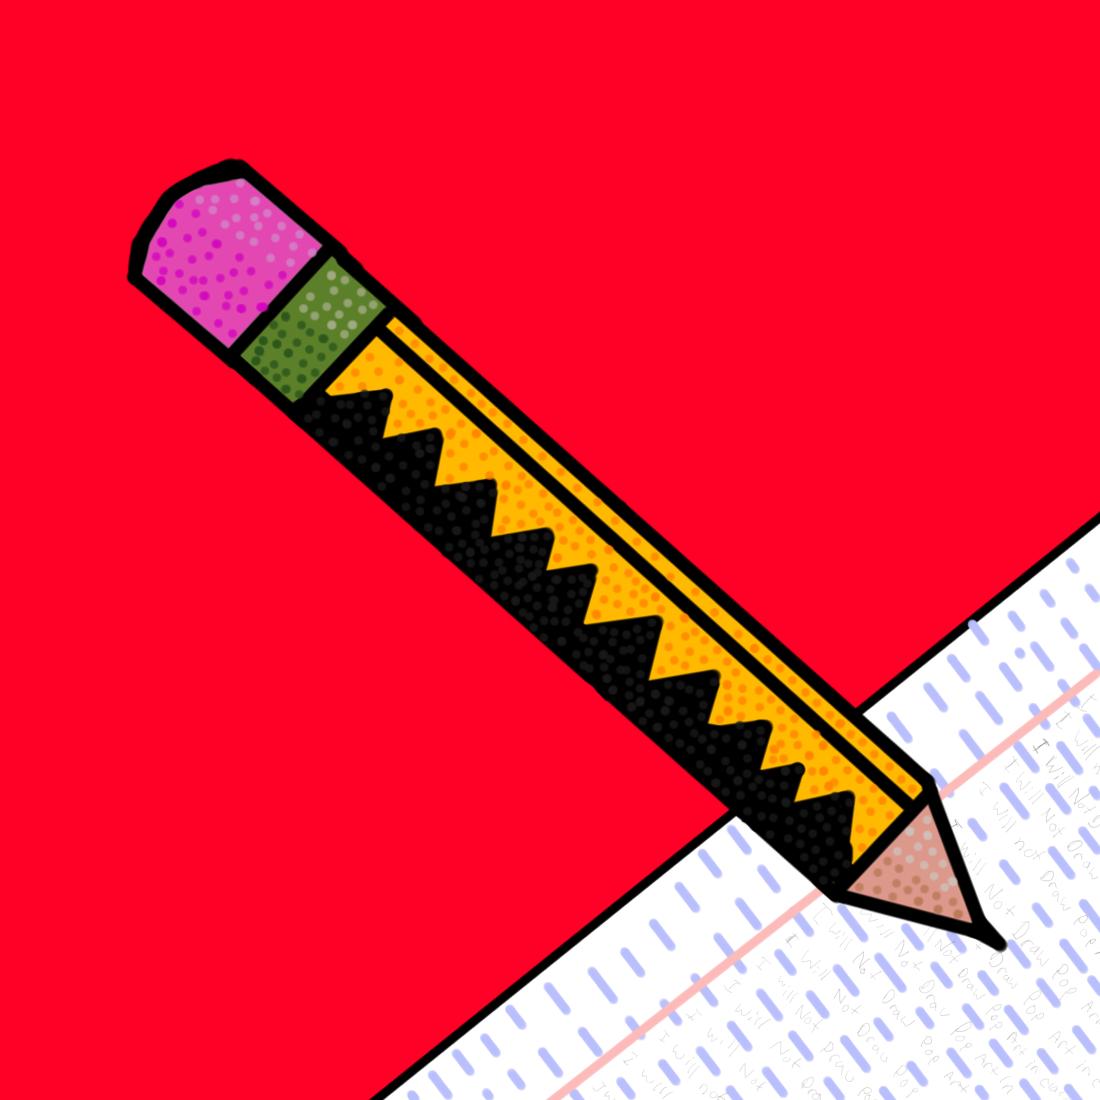 Pencil Pop Art